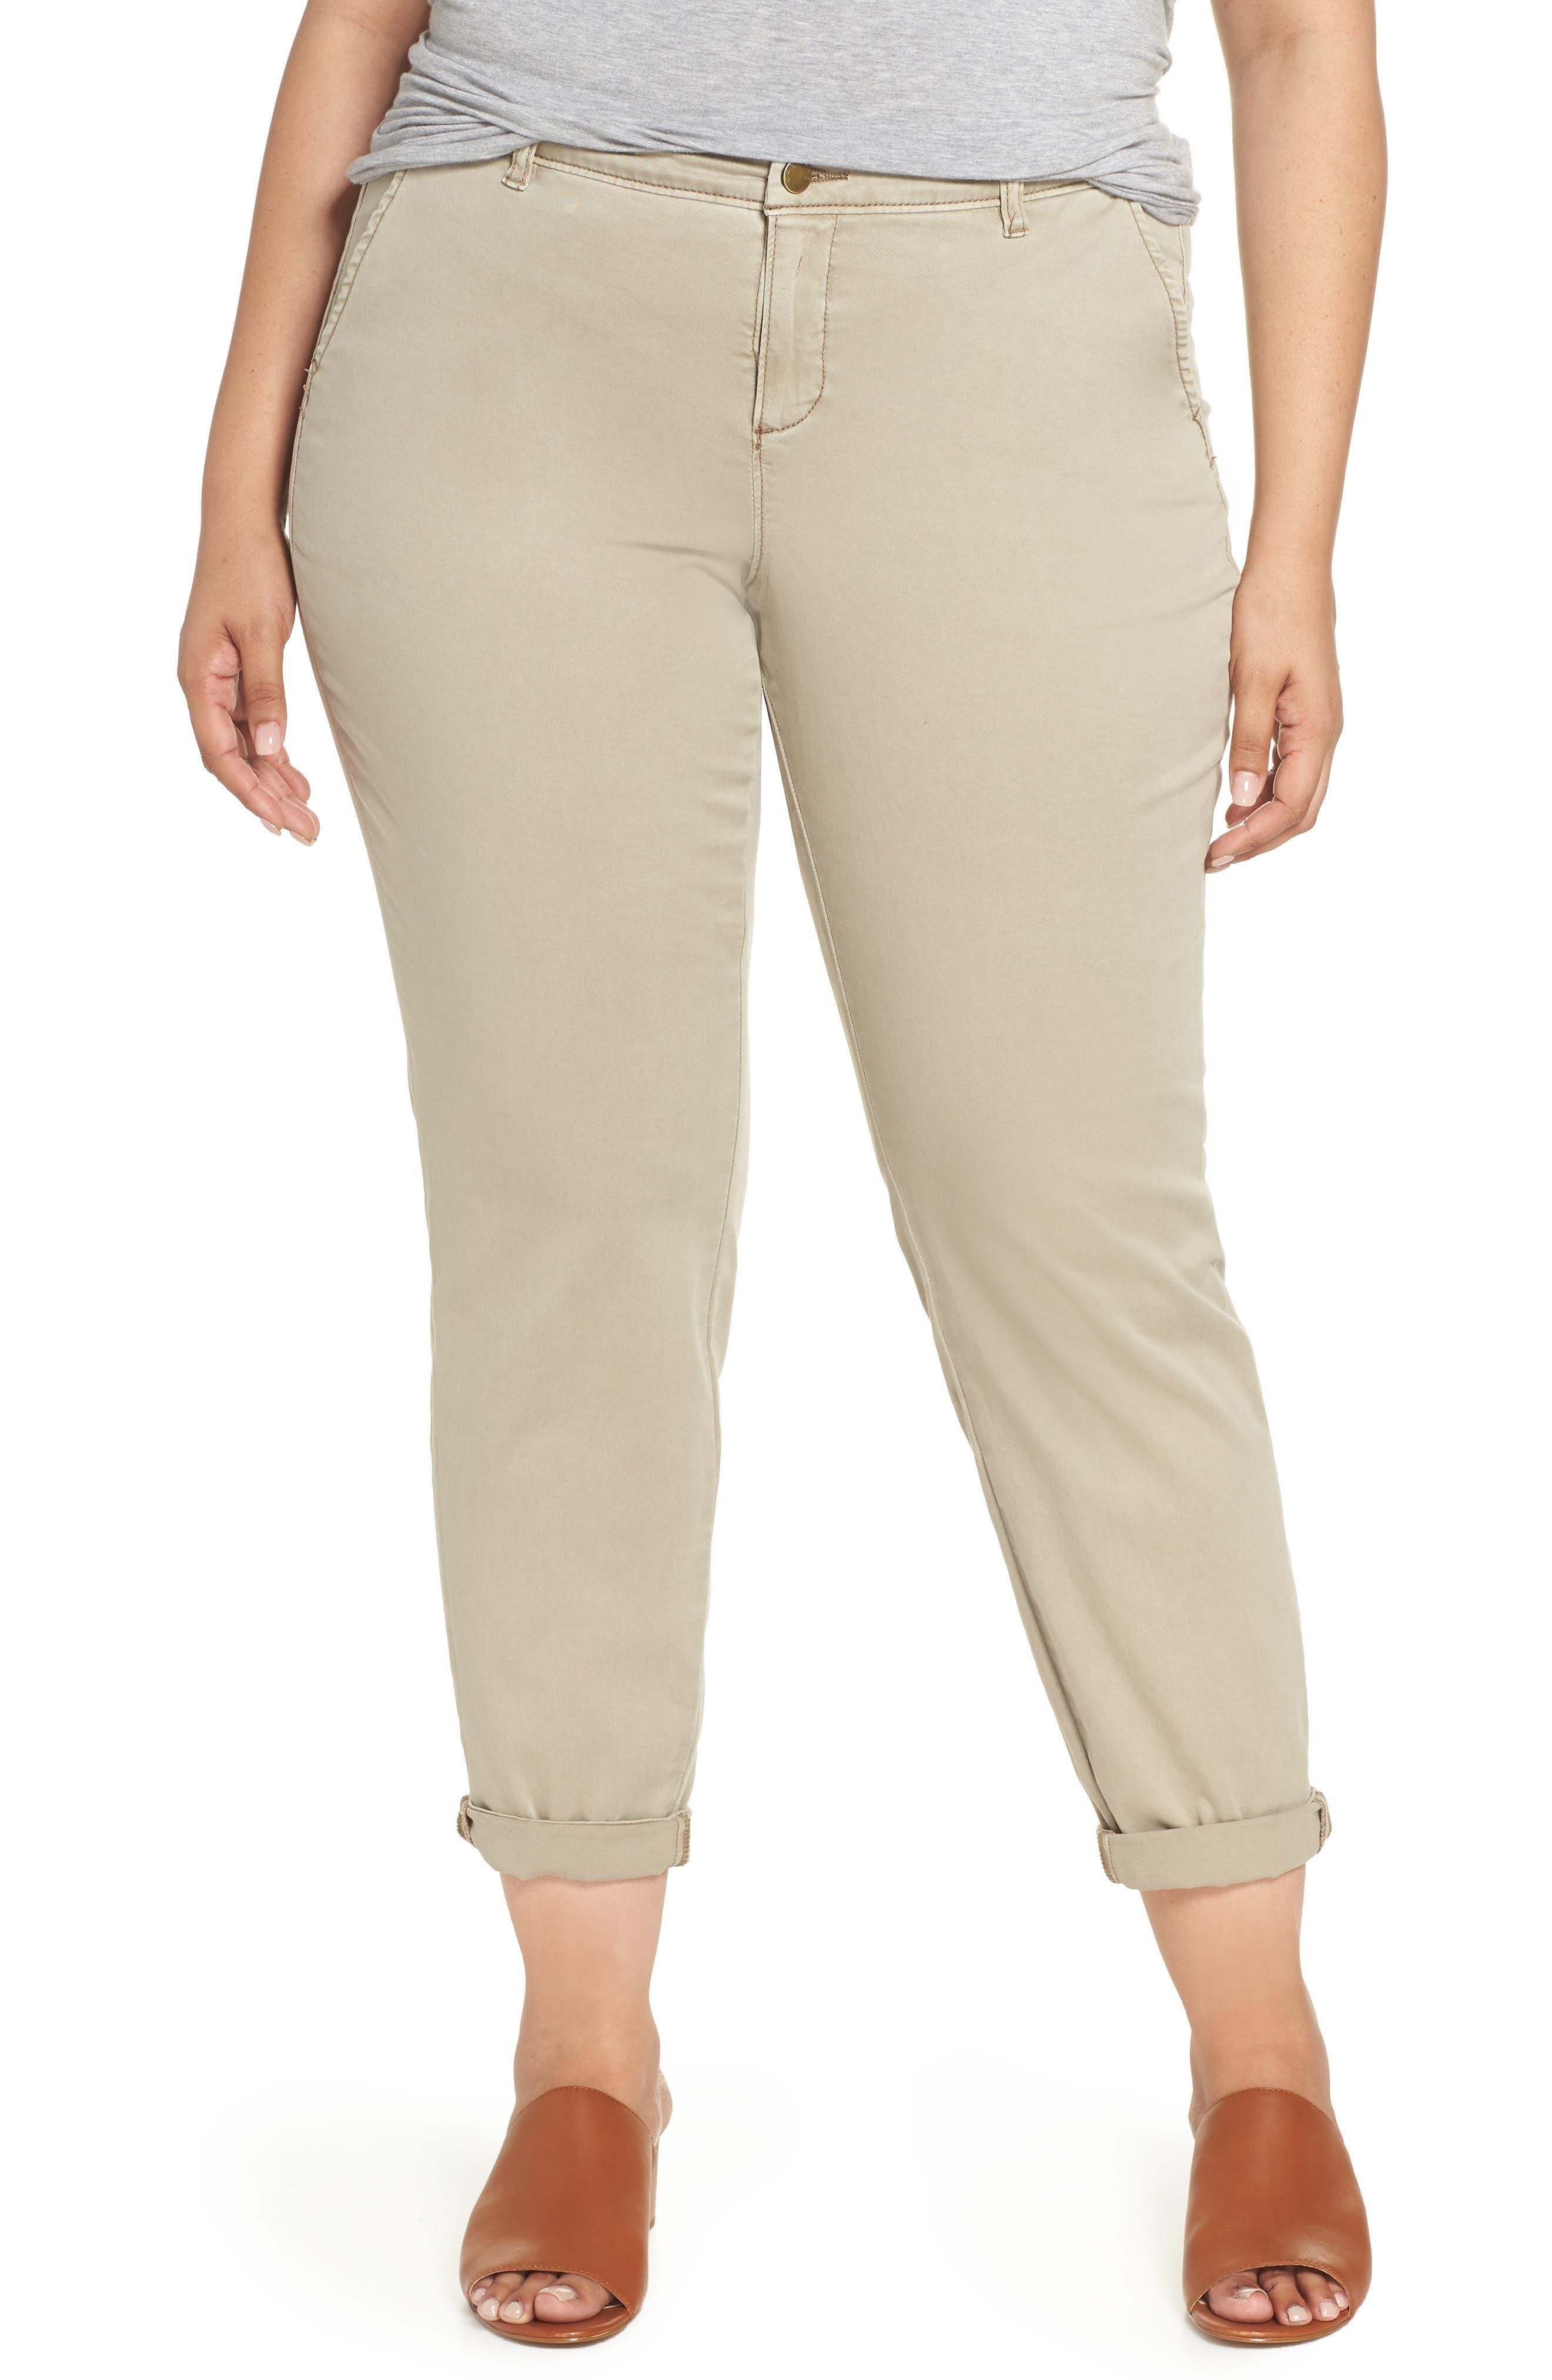 Boyfriend Stretch Cotton Chino Pants,                         Main,                         color, Tan Cobblestone